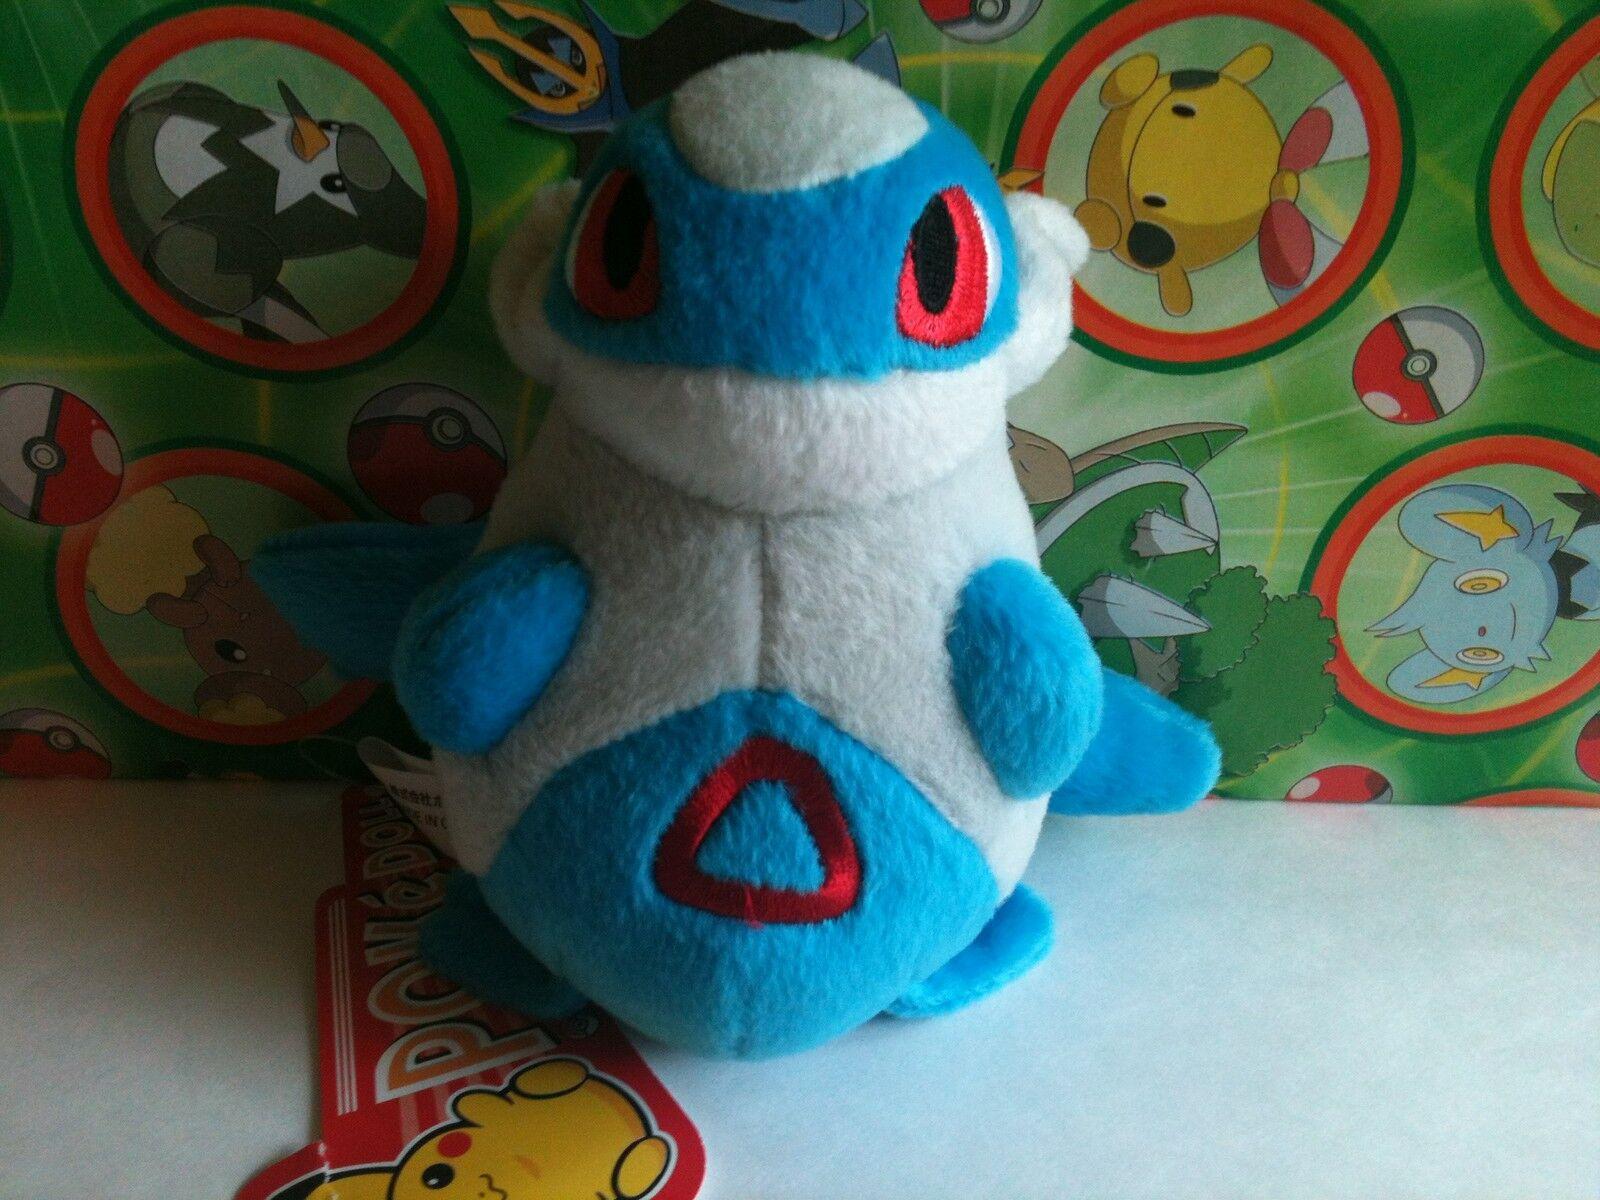 Pokemon Center Plush 2005 Pokedoll Latios Stuffed toy figure New RareGo  latias